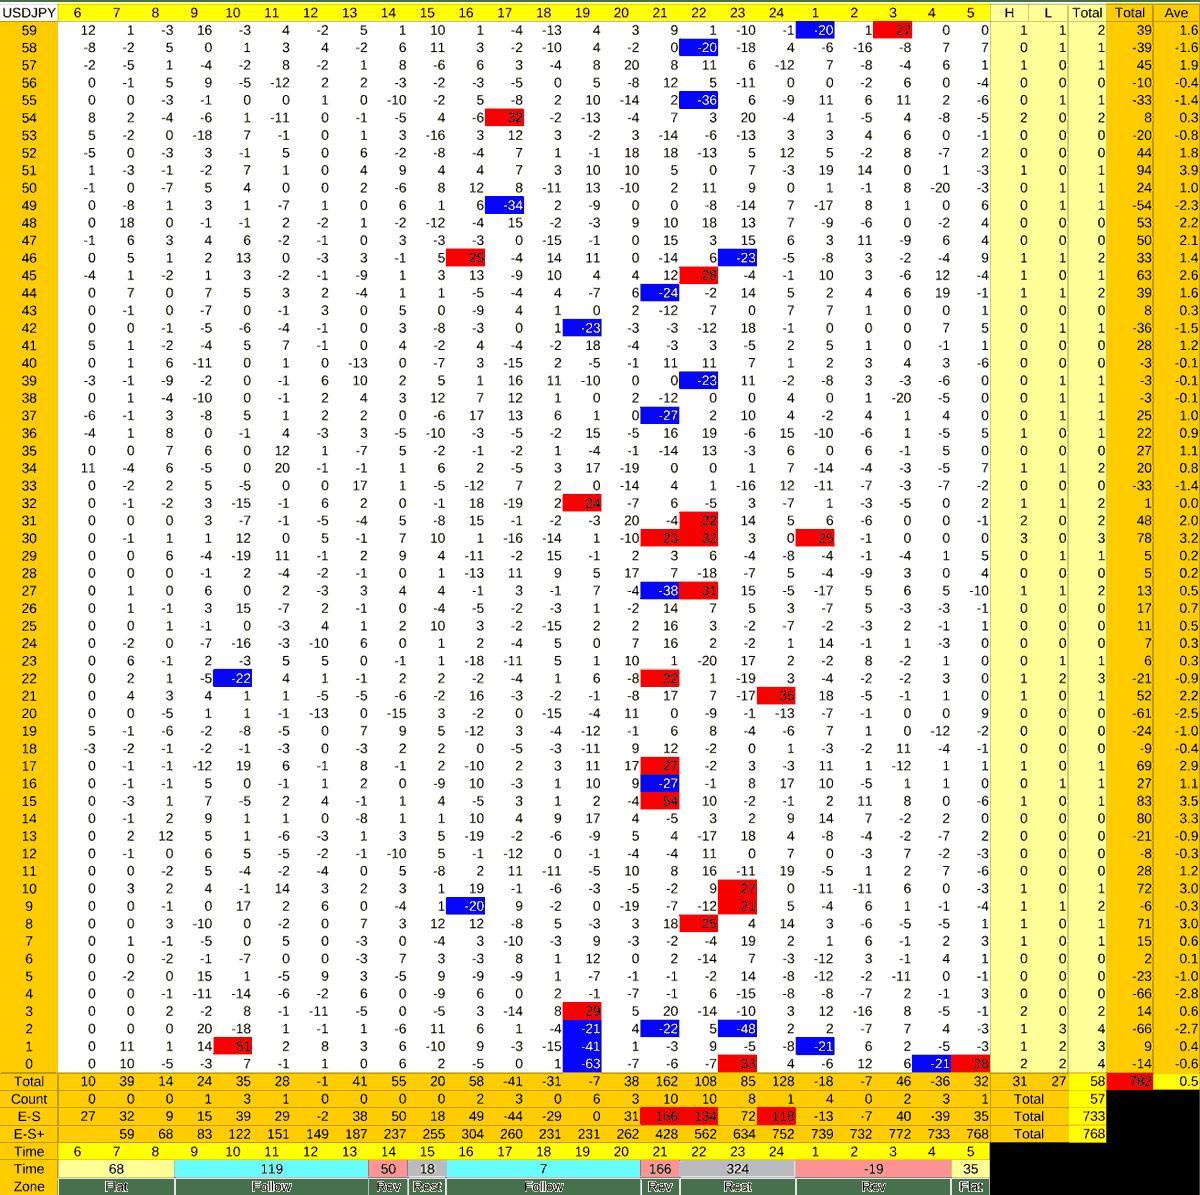 20210603_HS(1)USDJPY